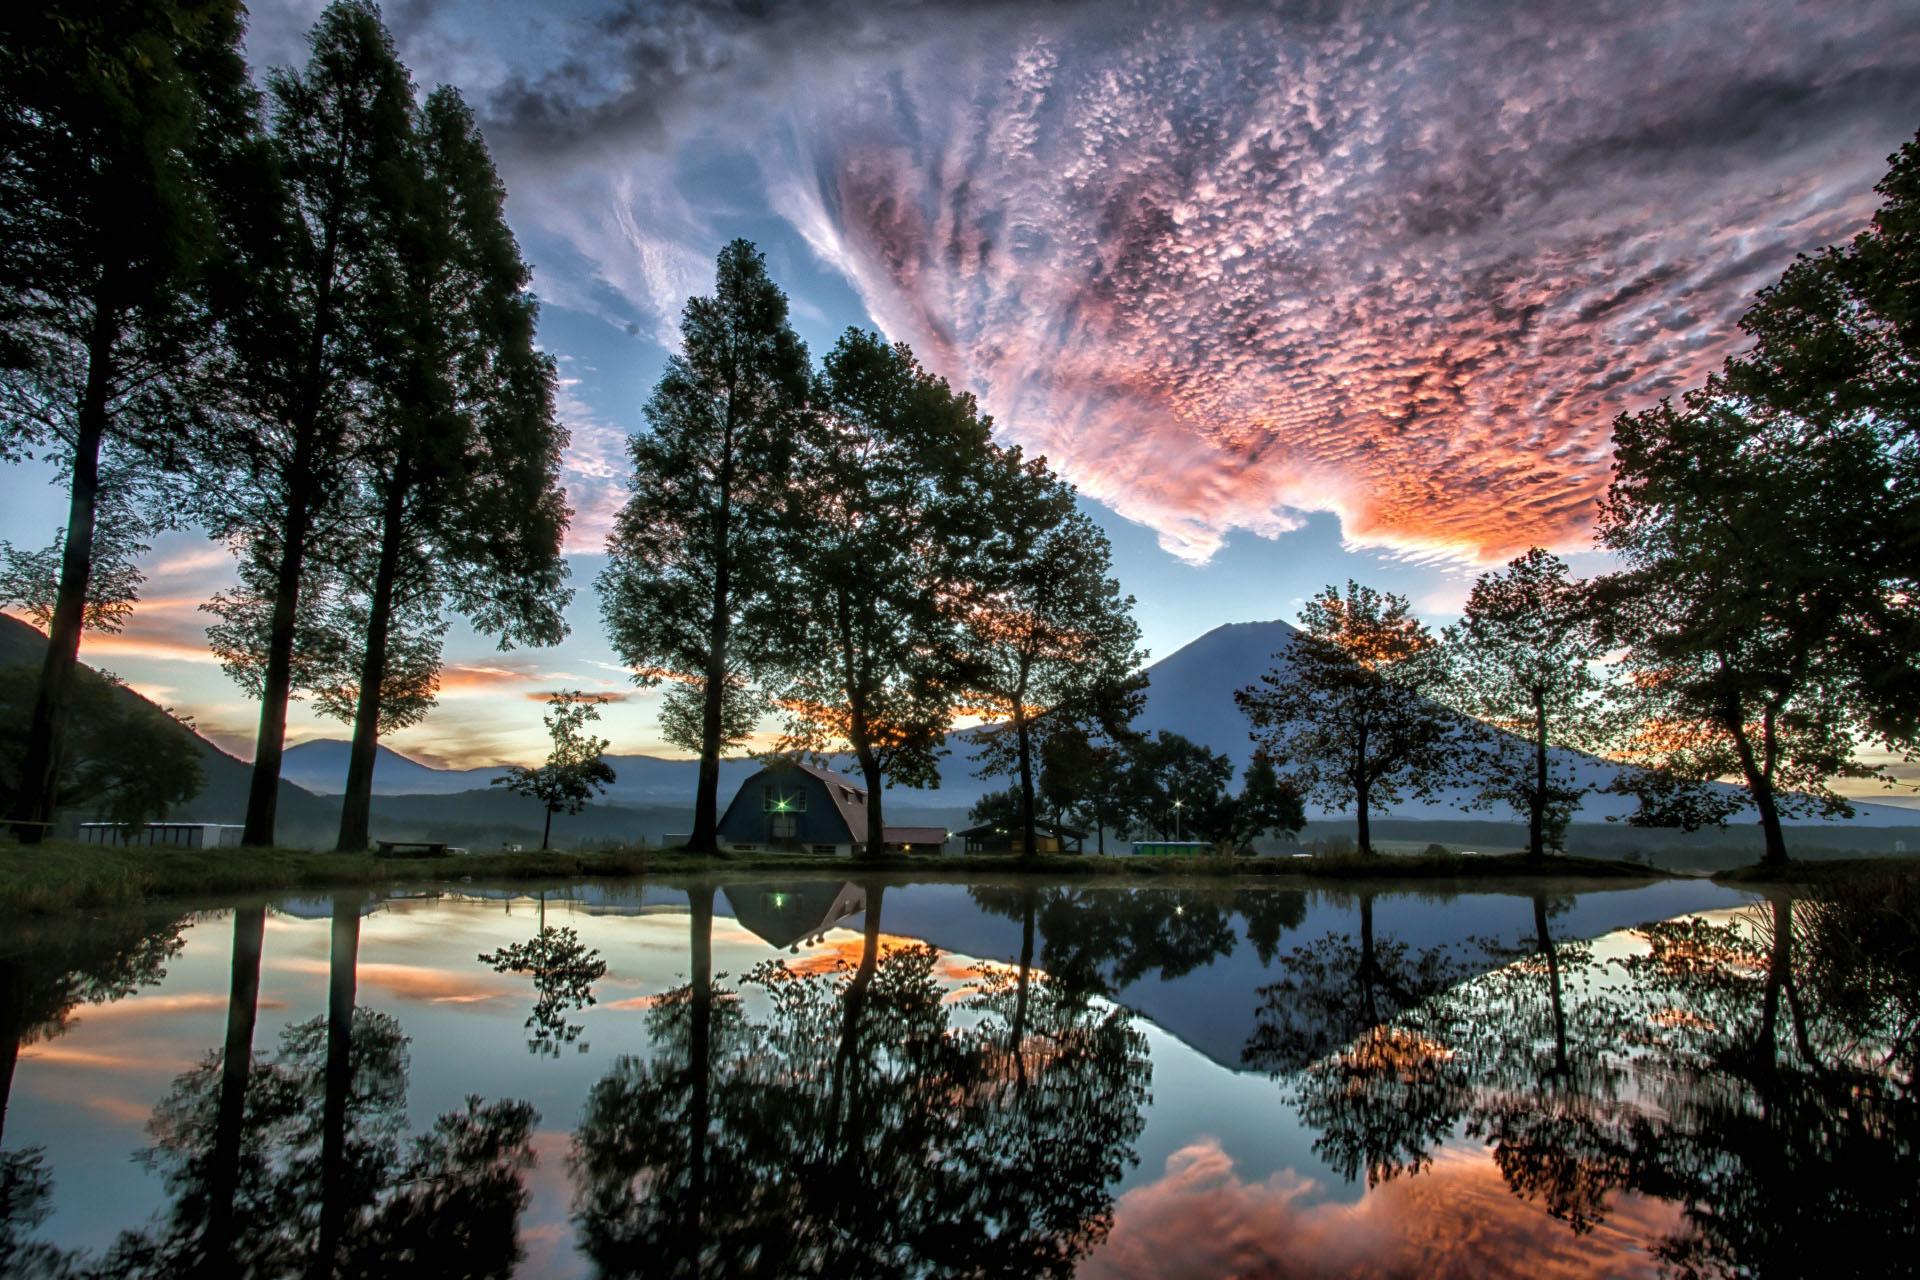 ふもとっぱらの朝焼けの風景 静岡の風景